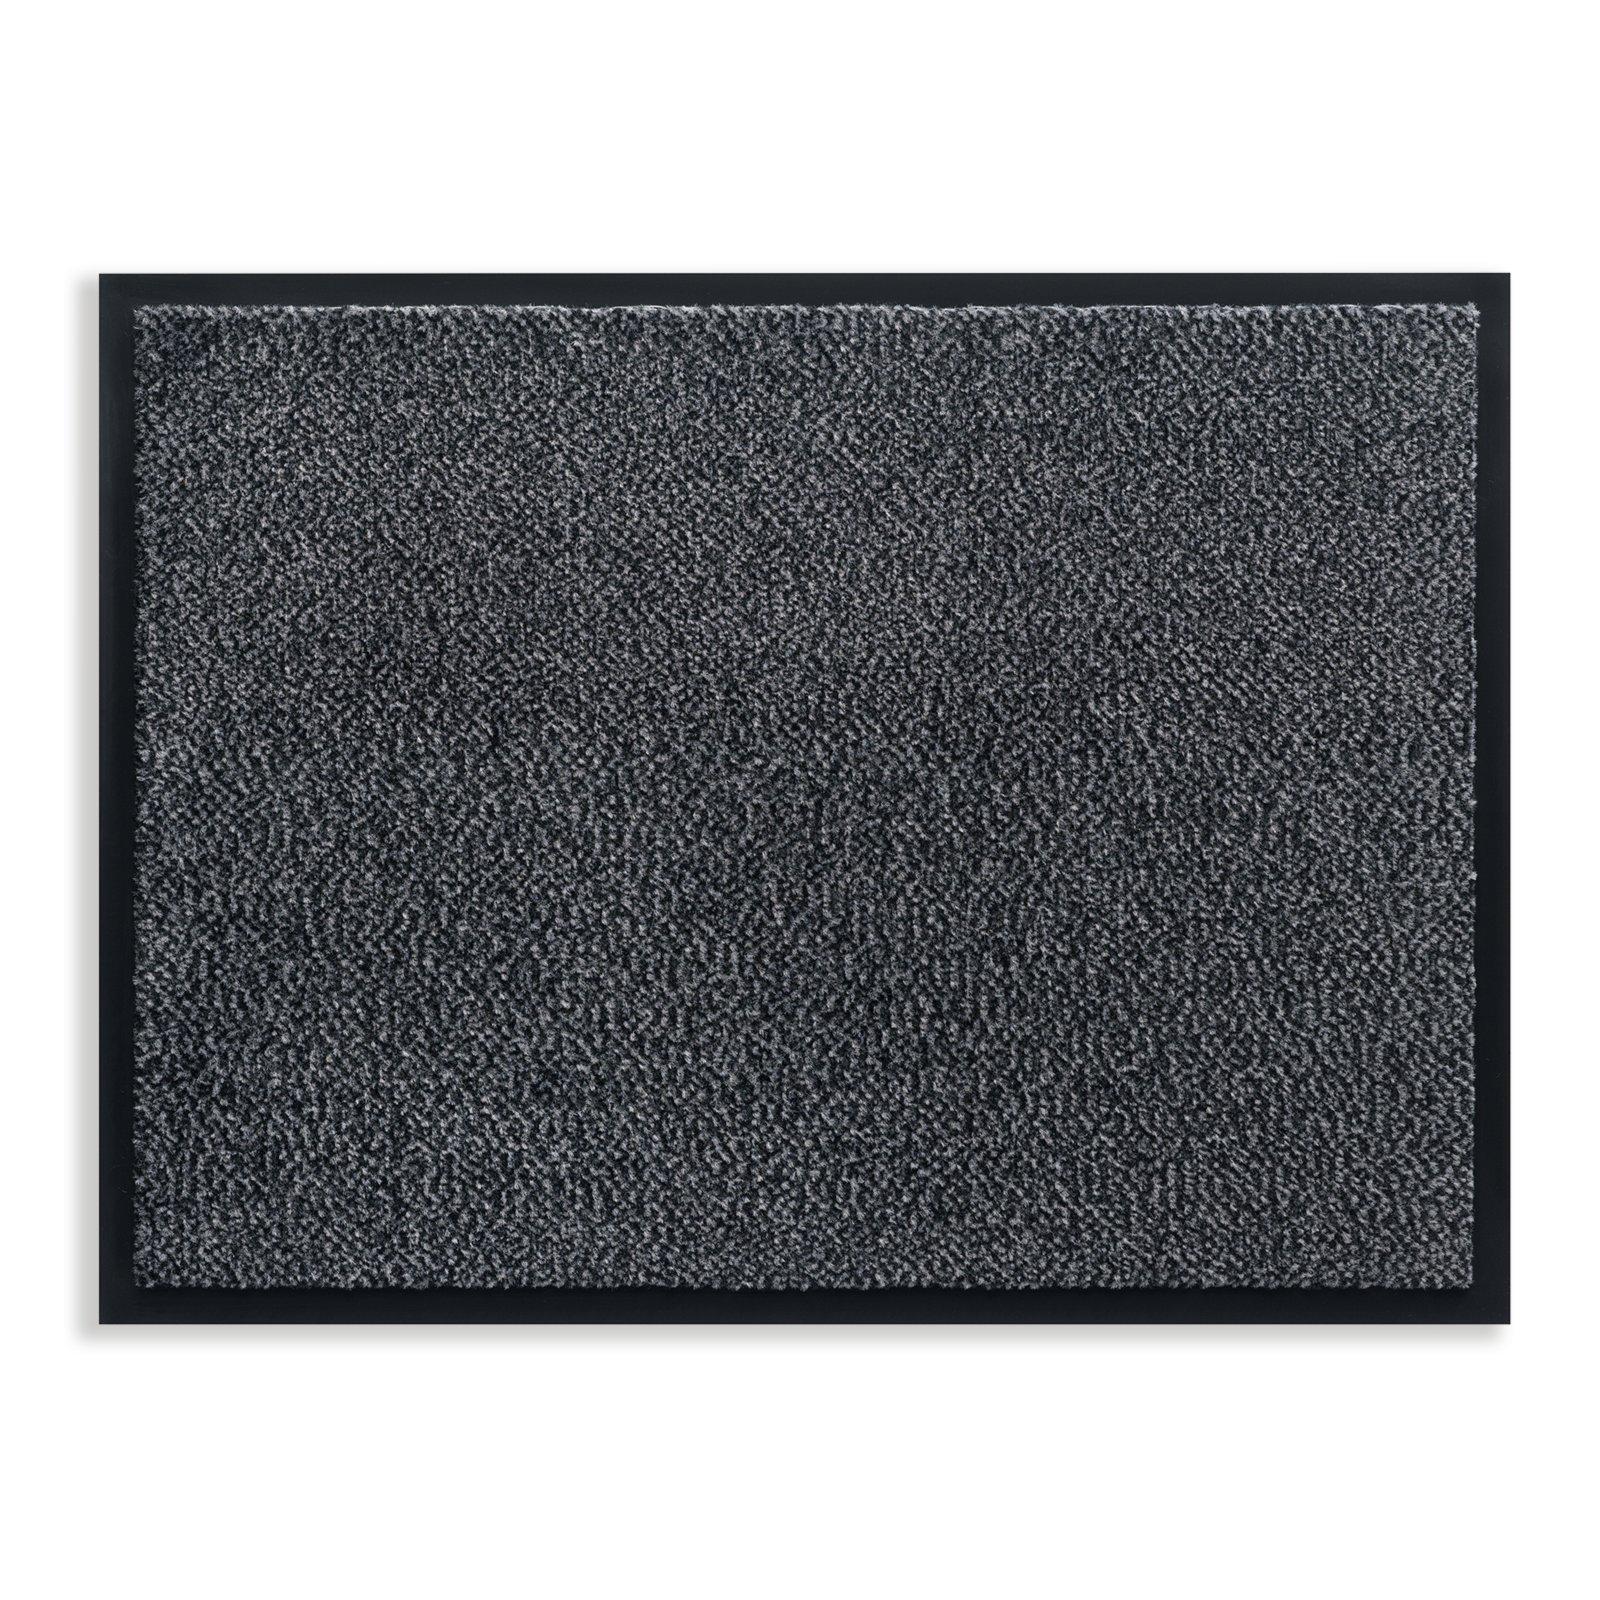 Fußmatte MARS - anthrazit - 40x60 cm